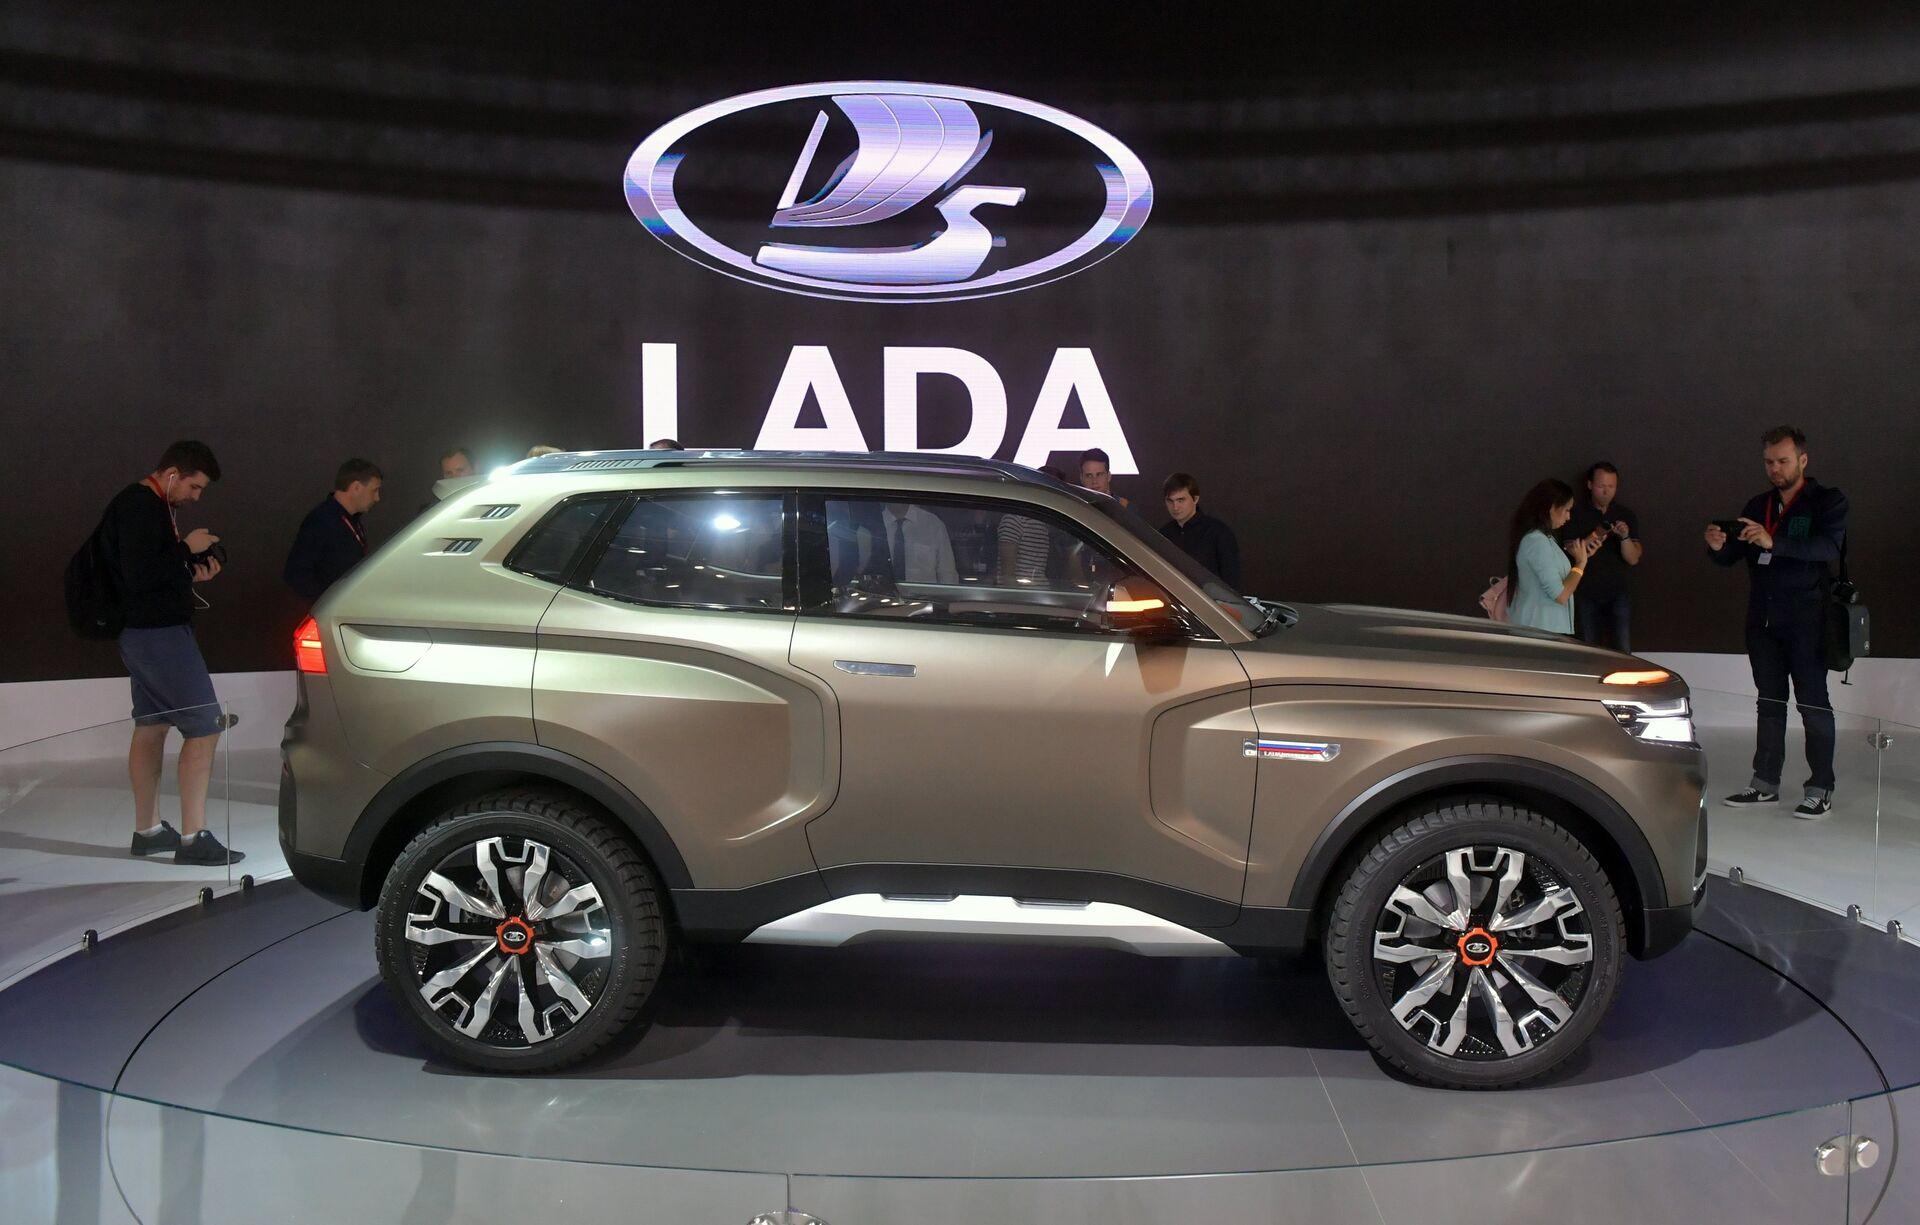 Посетители фотографируют новый автомобиль LADA 4x4 Vision на Московском международном автомобильном салоне 2018 - РИА Новости, 1920, 14.01.2021